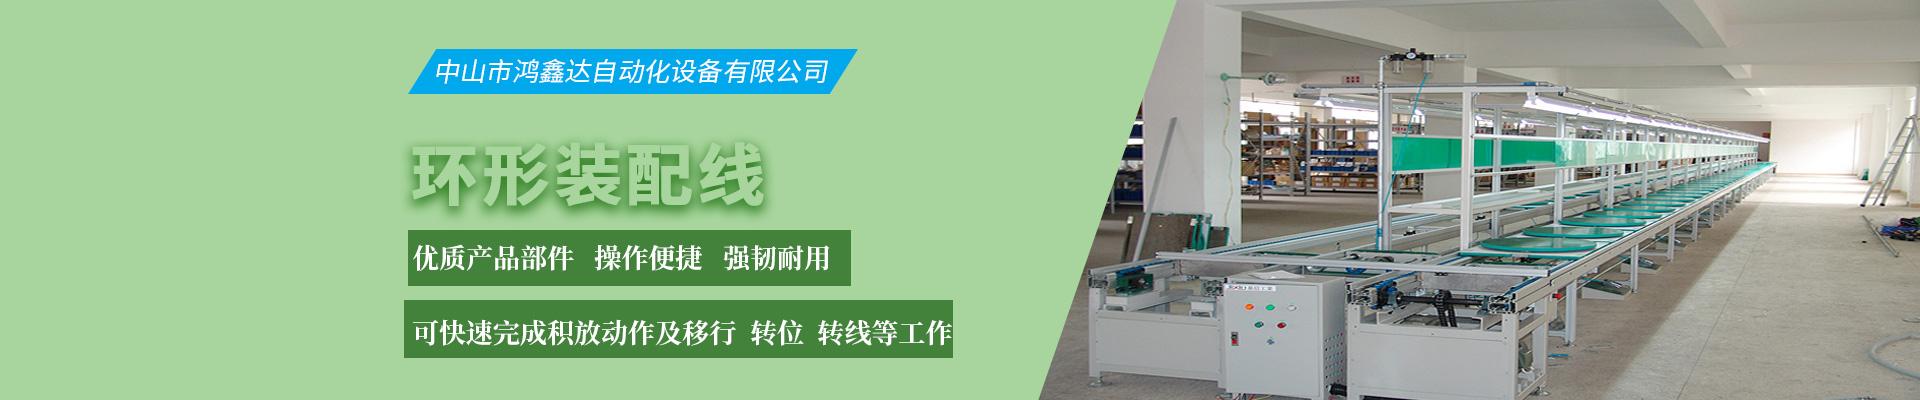 中山市鸿鑫达自动化设备有限公司